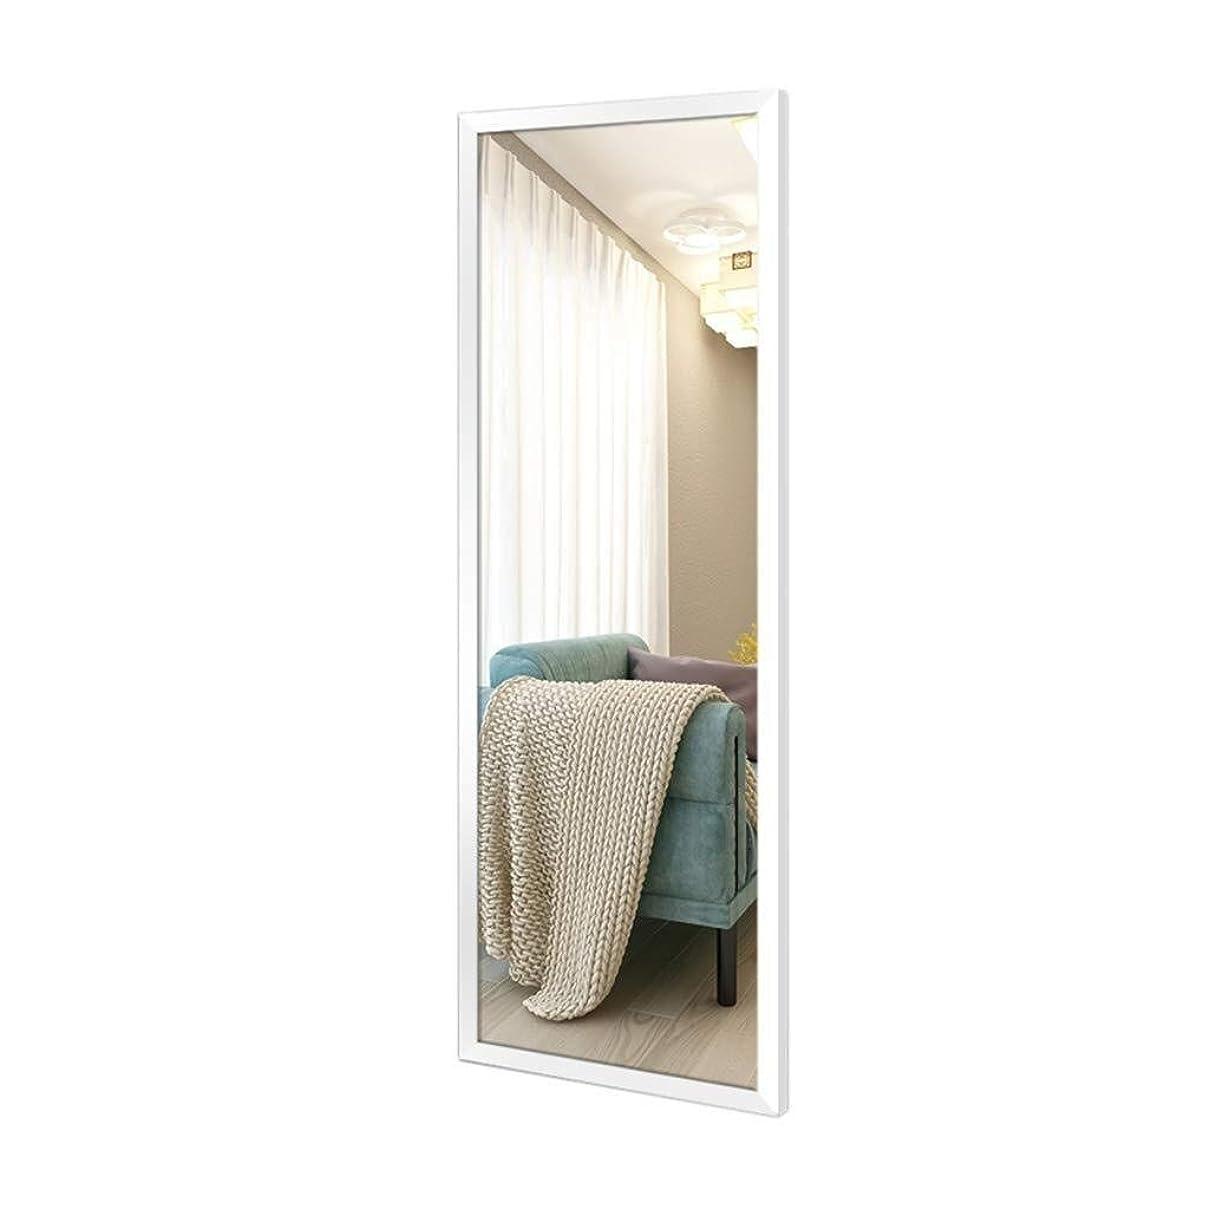 降雨葉を集める石膏RENKUNDE フィッティングミラースリーサイズは選択することができますフルボディメイクアップミラーウォールテストリビングルームのベッドルームウォールデコレーションシンプルな白い長方形フレームミラー メイクアップミラー (Size : 40x120cm)